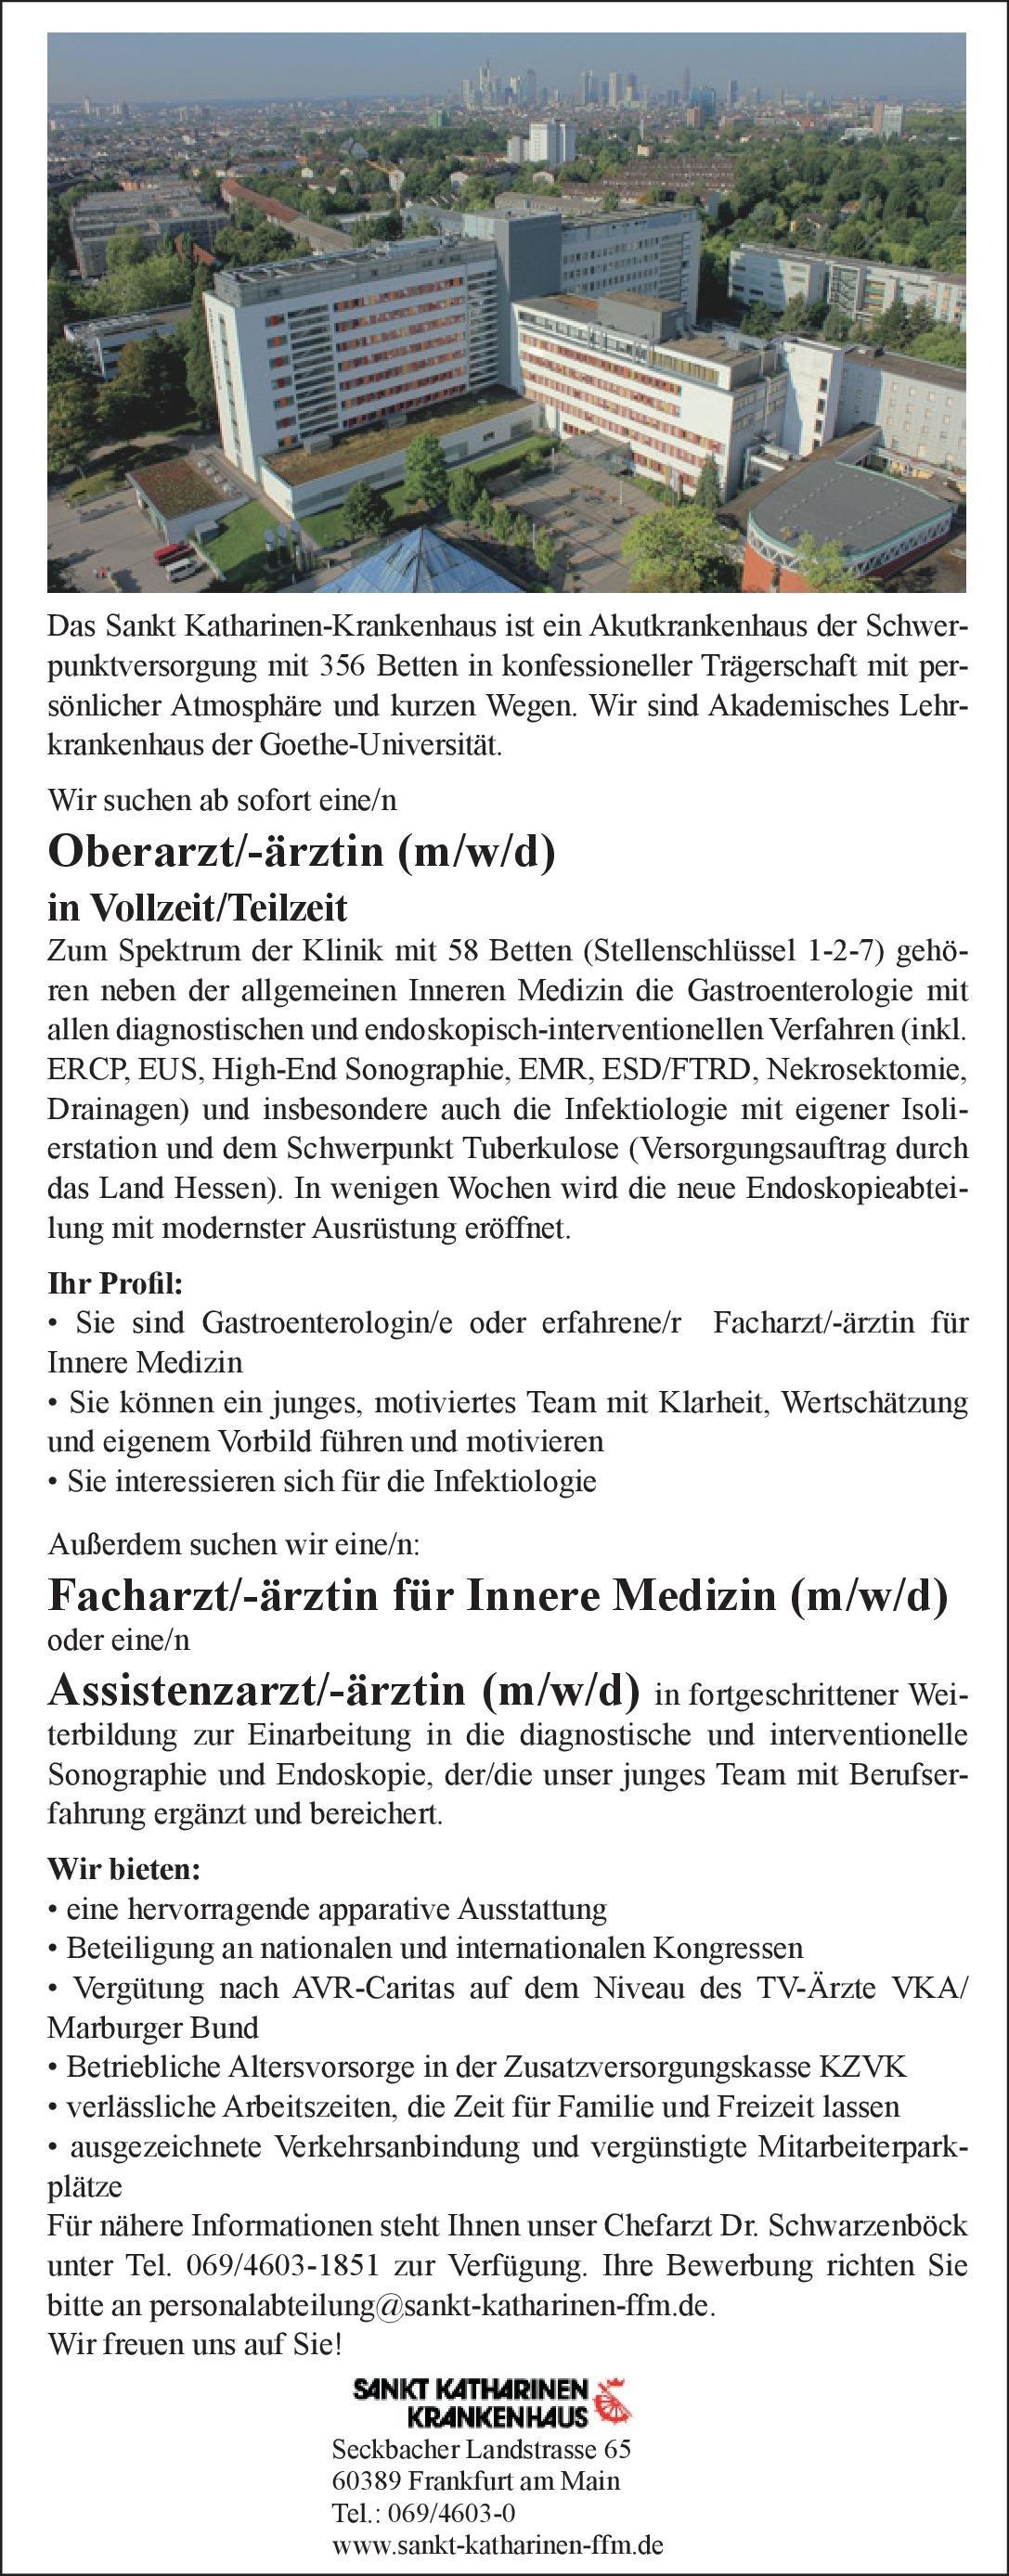 Sankt Katharinen Krankenhaus Oberarzt/-ärztin (m/w/d) für Innere Medizin  Innere Medizin und Gastroenterologie, Innere Medizin Oberarzt